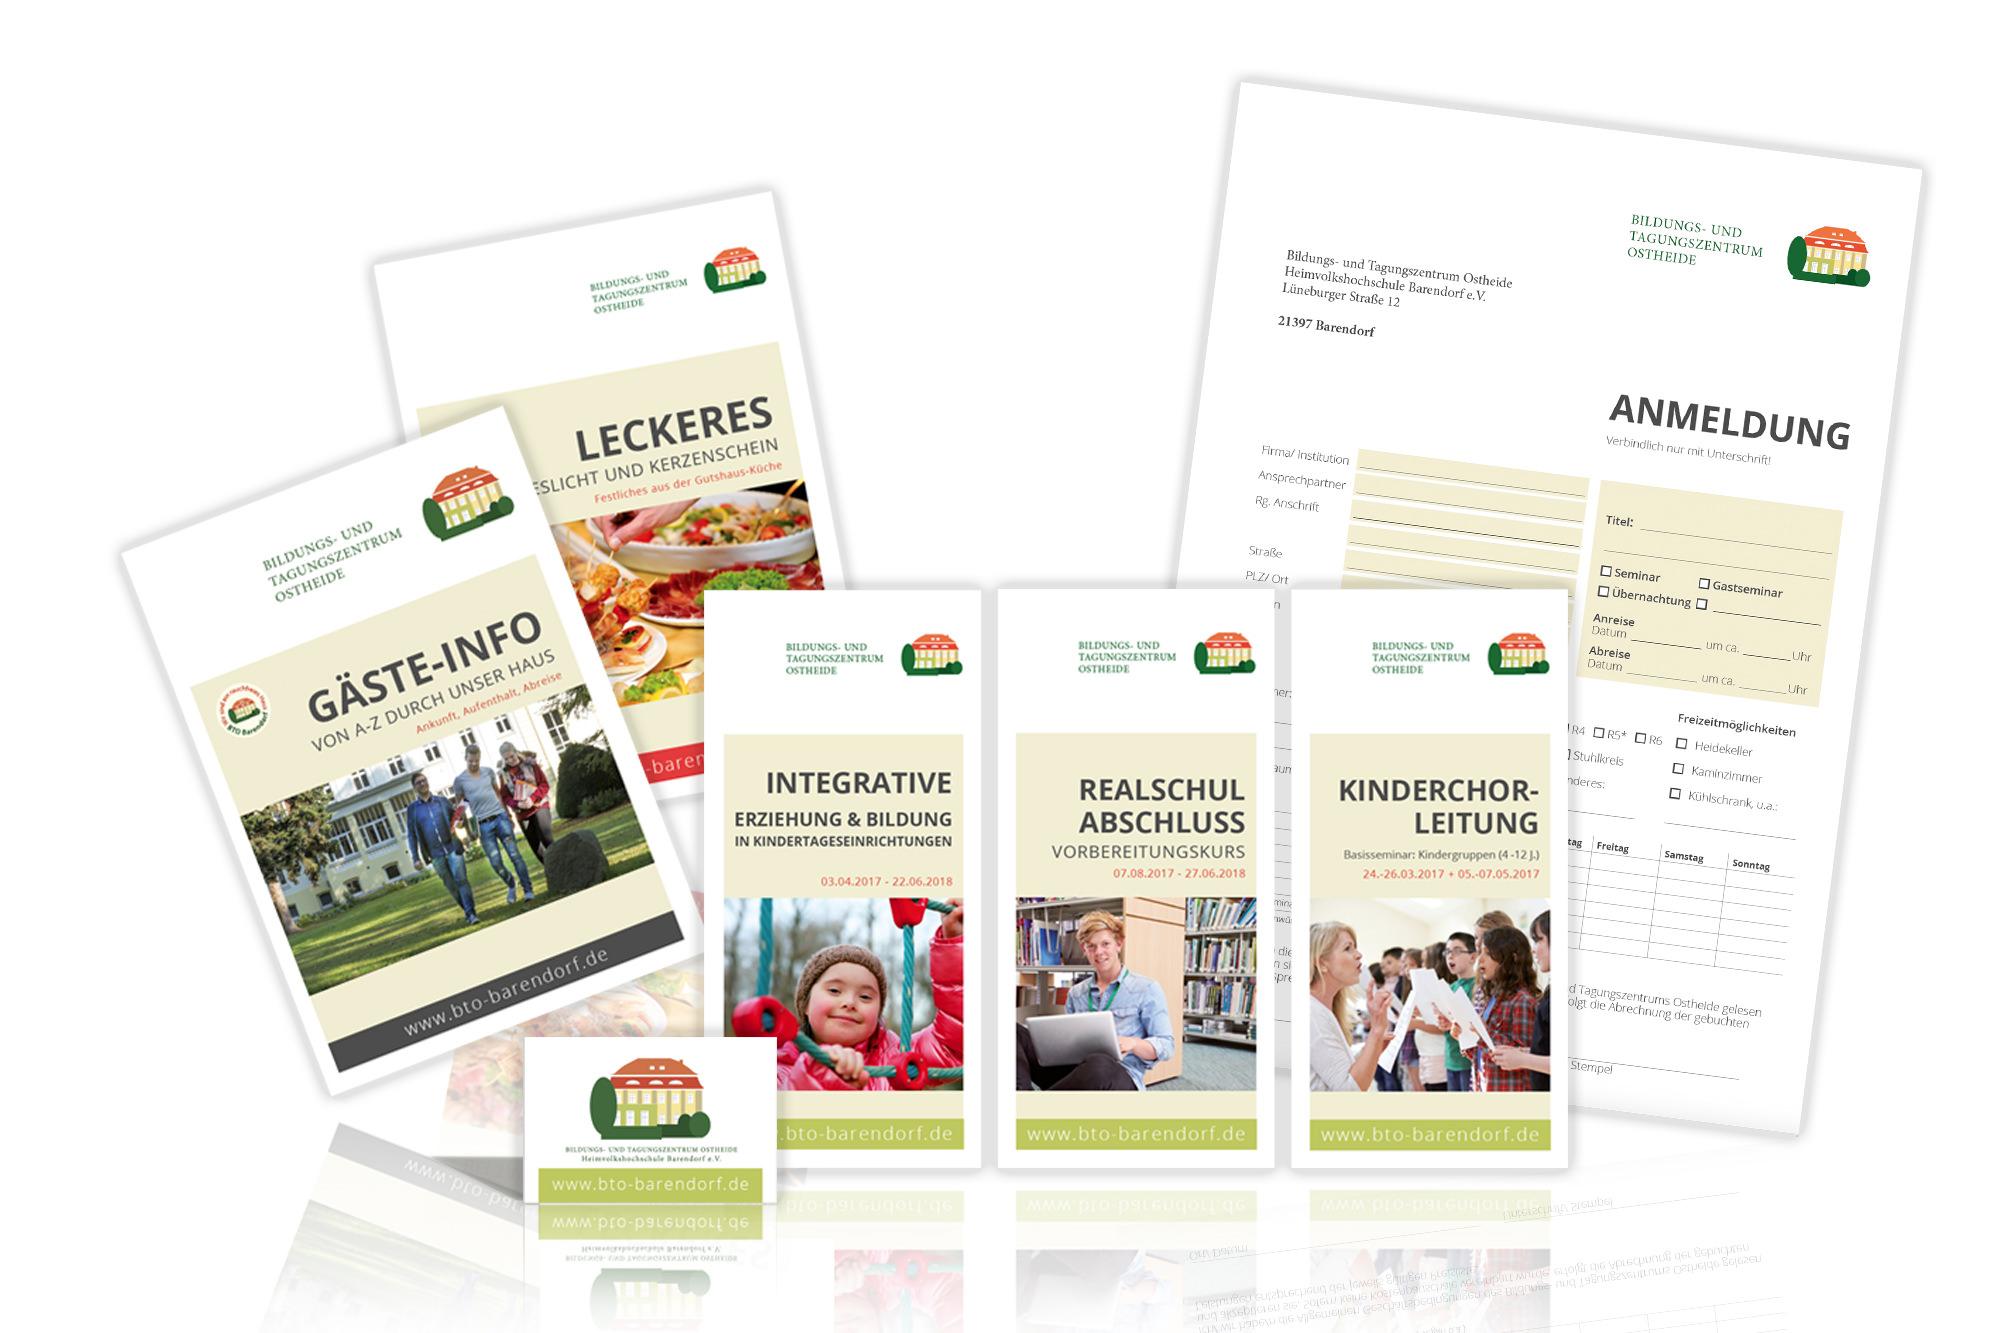 Entwicklung des Corporate Designs mit Printmedien wie Broschüren, Flyer, Geschäftspapiere